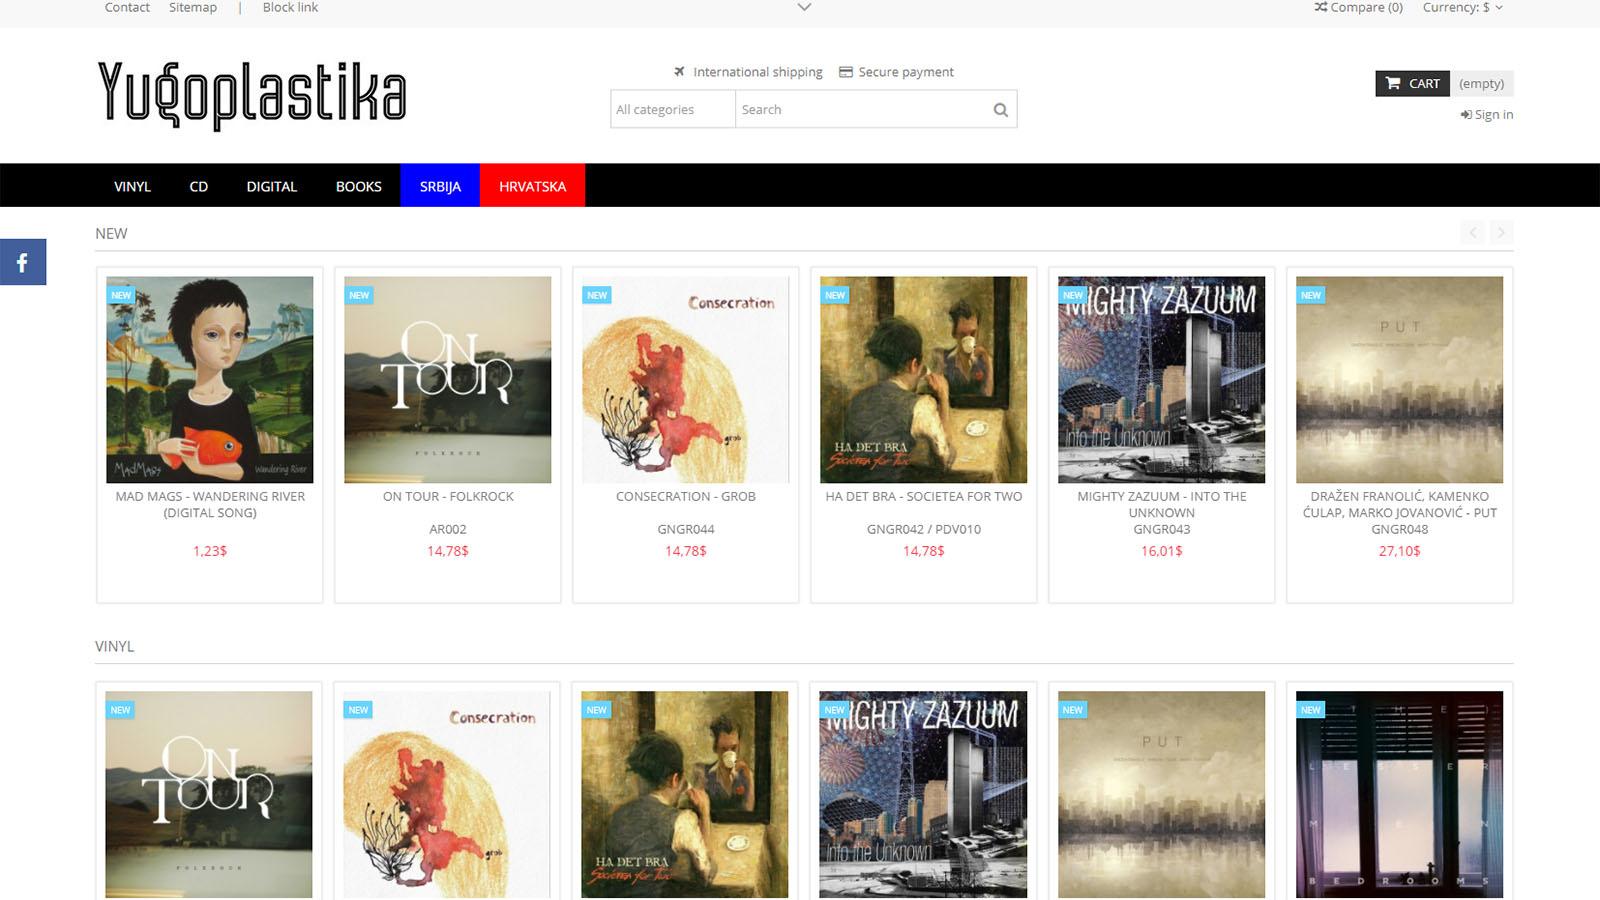 yugoplastika.com